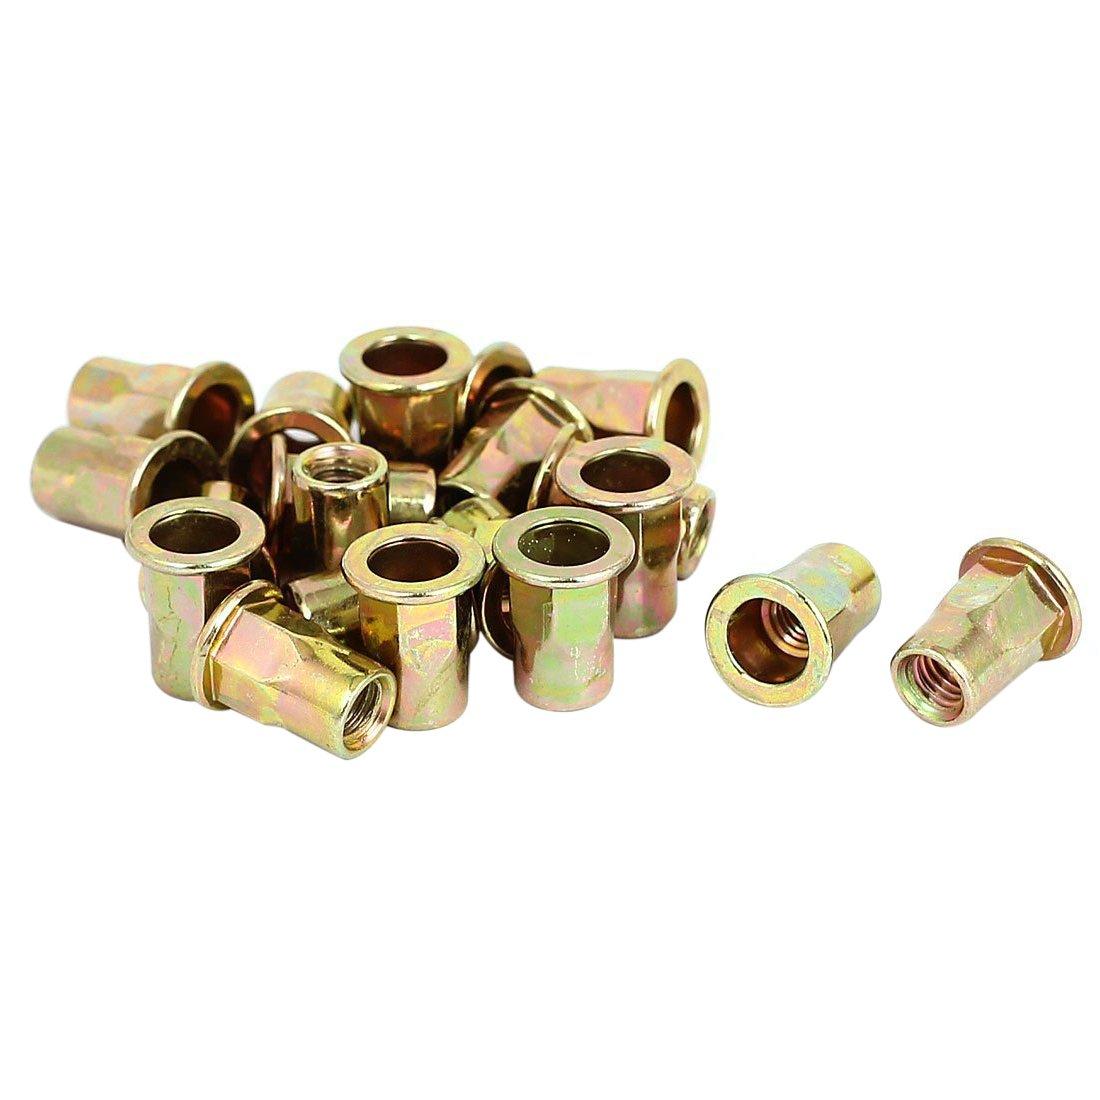 SODIAL(R) 20pcs M6x15mm Half Hex Body Flat Head Blind Rivet Nuts Nutserts Fasteners